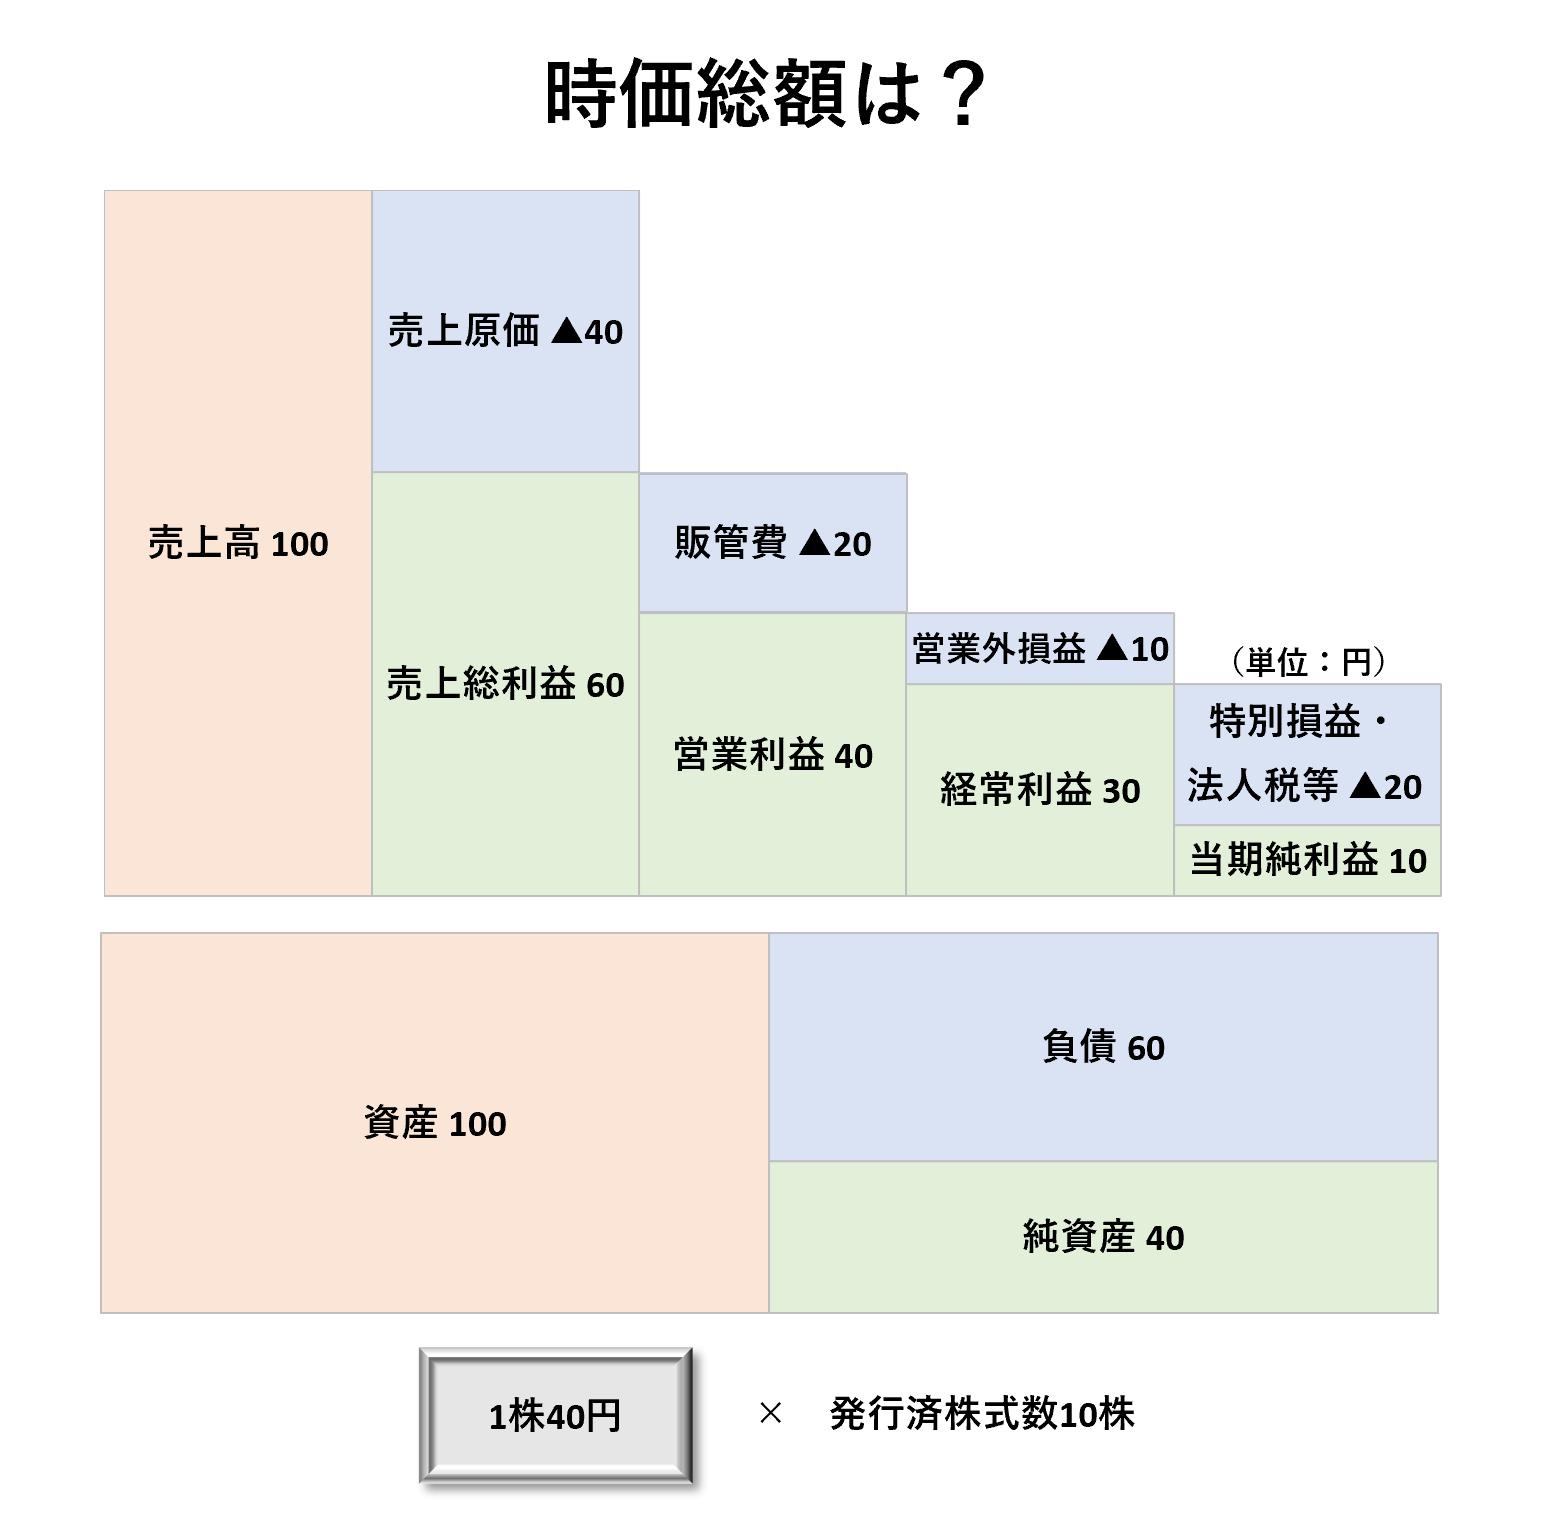 1株当たり分析(3級):時価総額ー問題